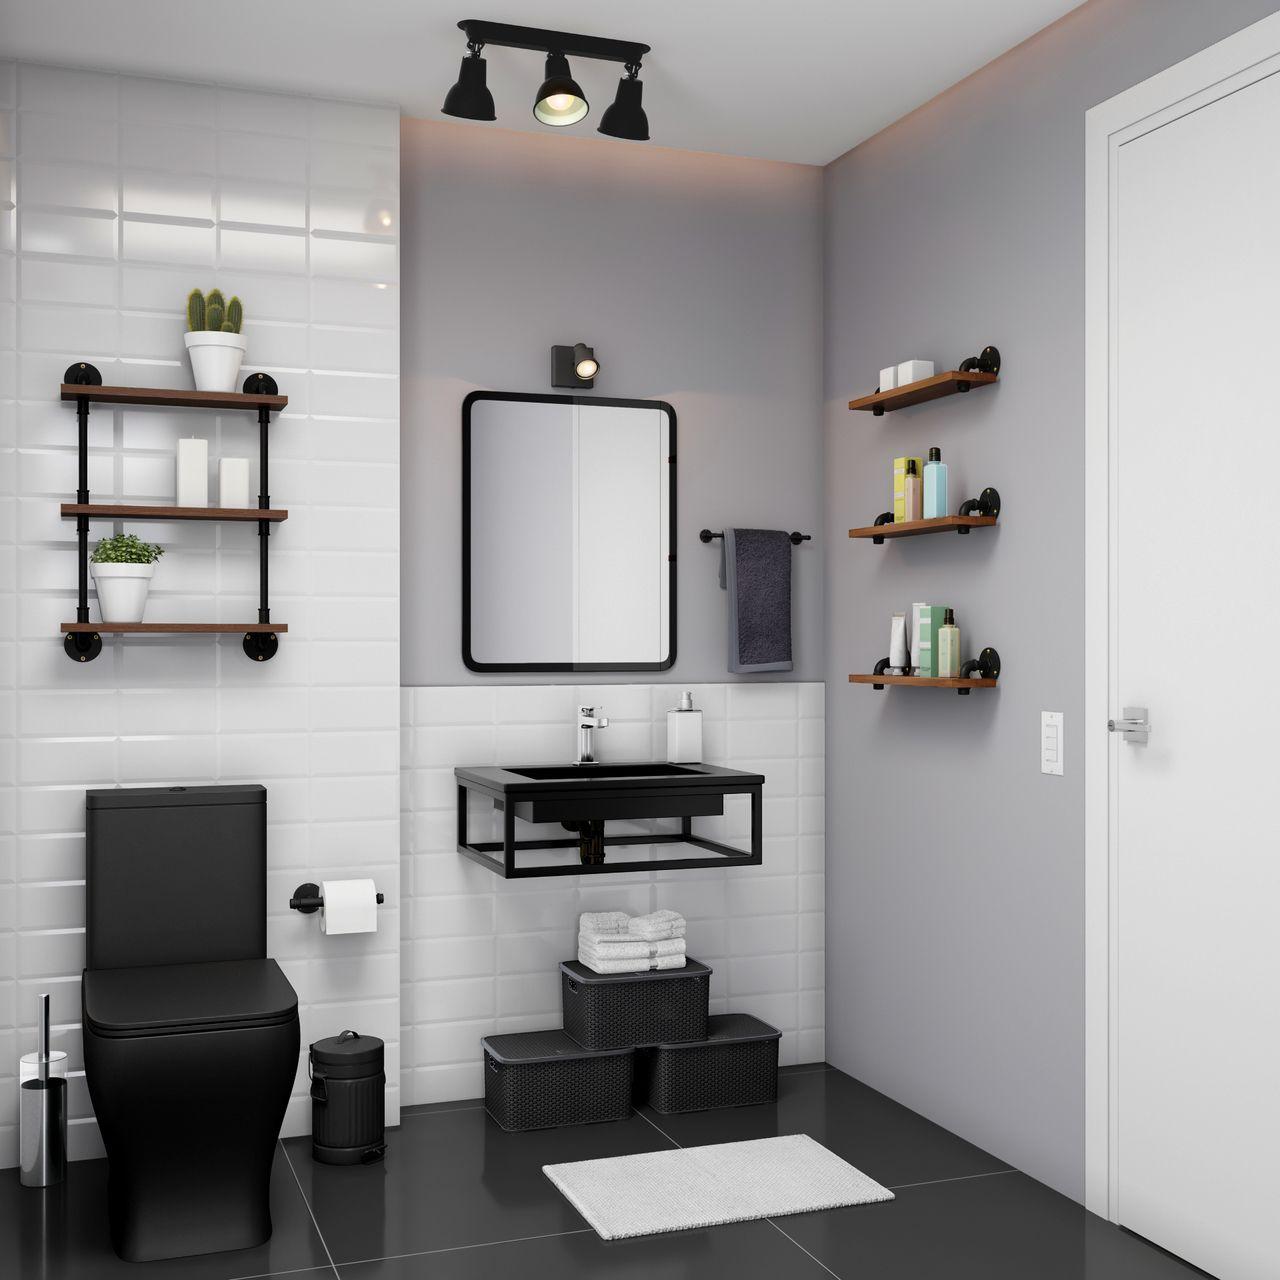 Imagem De Lavabo Preto Por Maria Helena Em My House Em 2020 Decoracao Banheiro Pequeno Banheiro Estilo Industrial